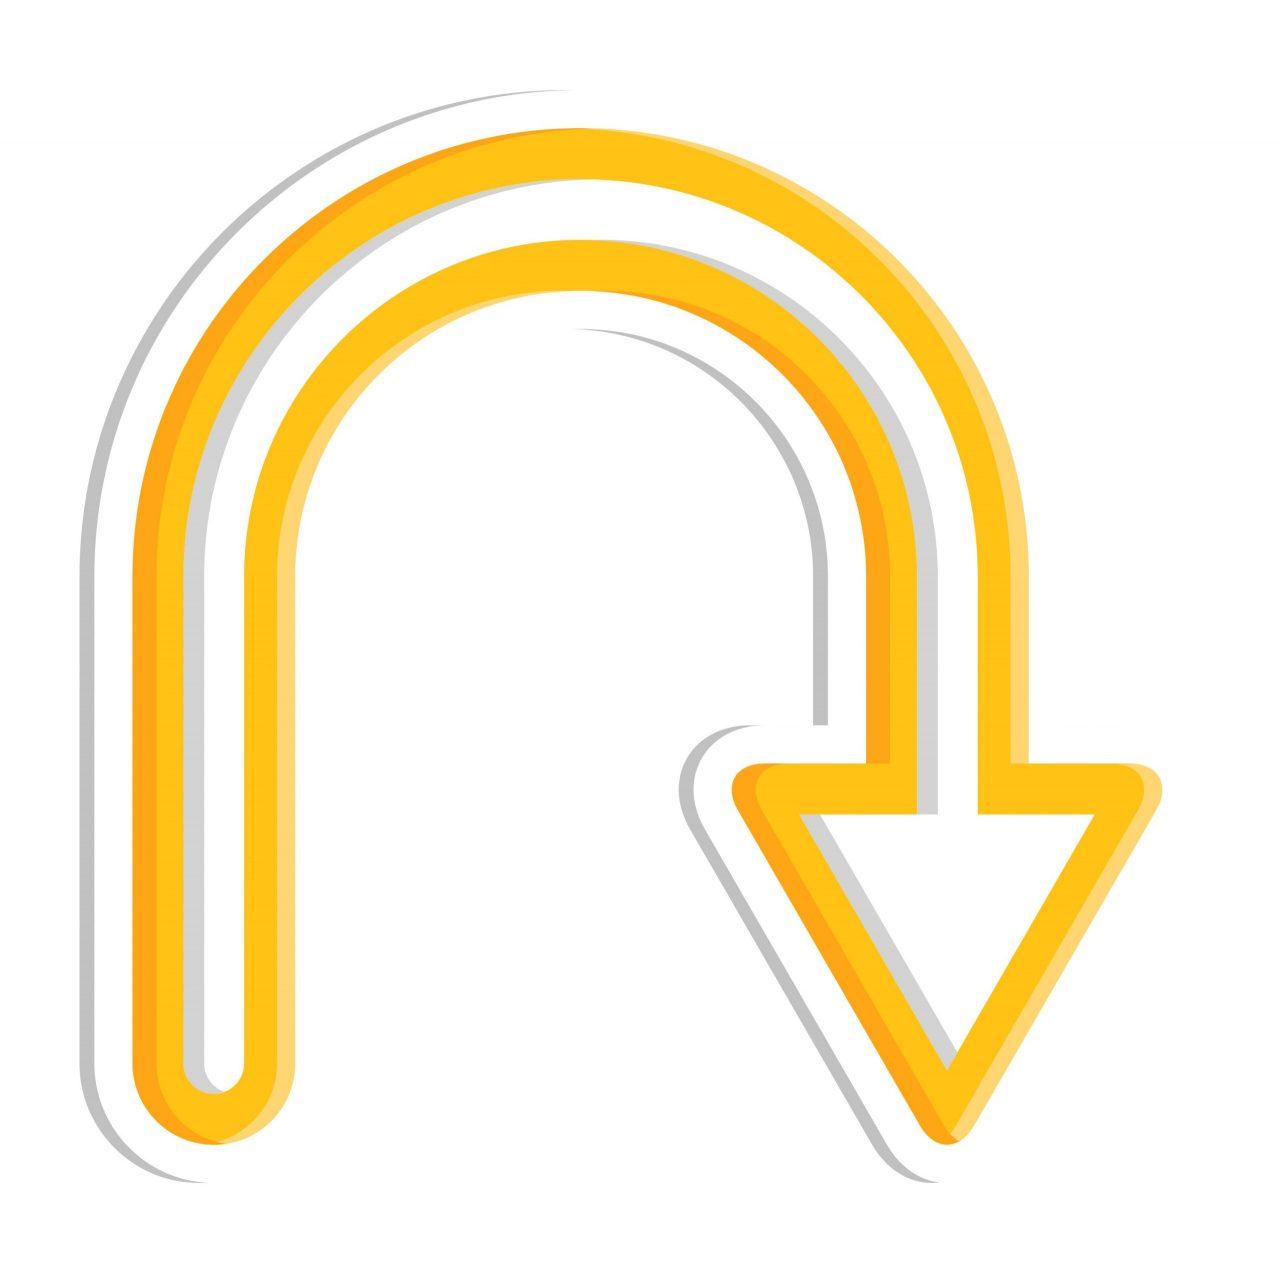 turn-arrow_QJx2Wz_L